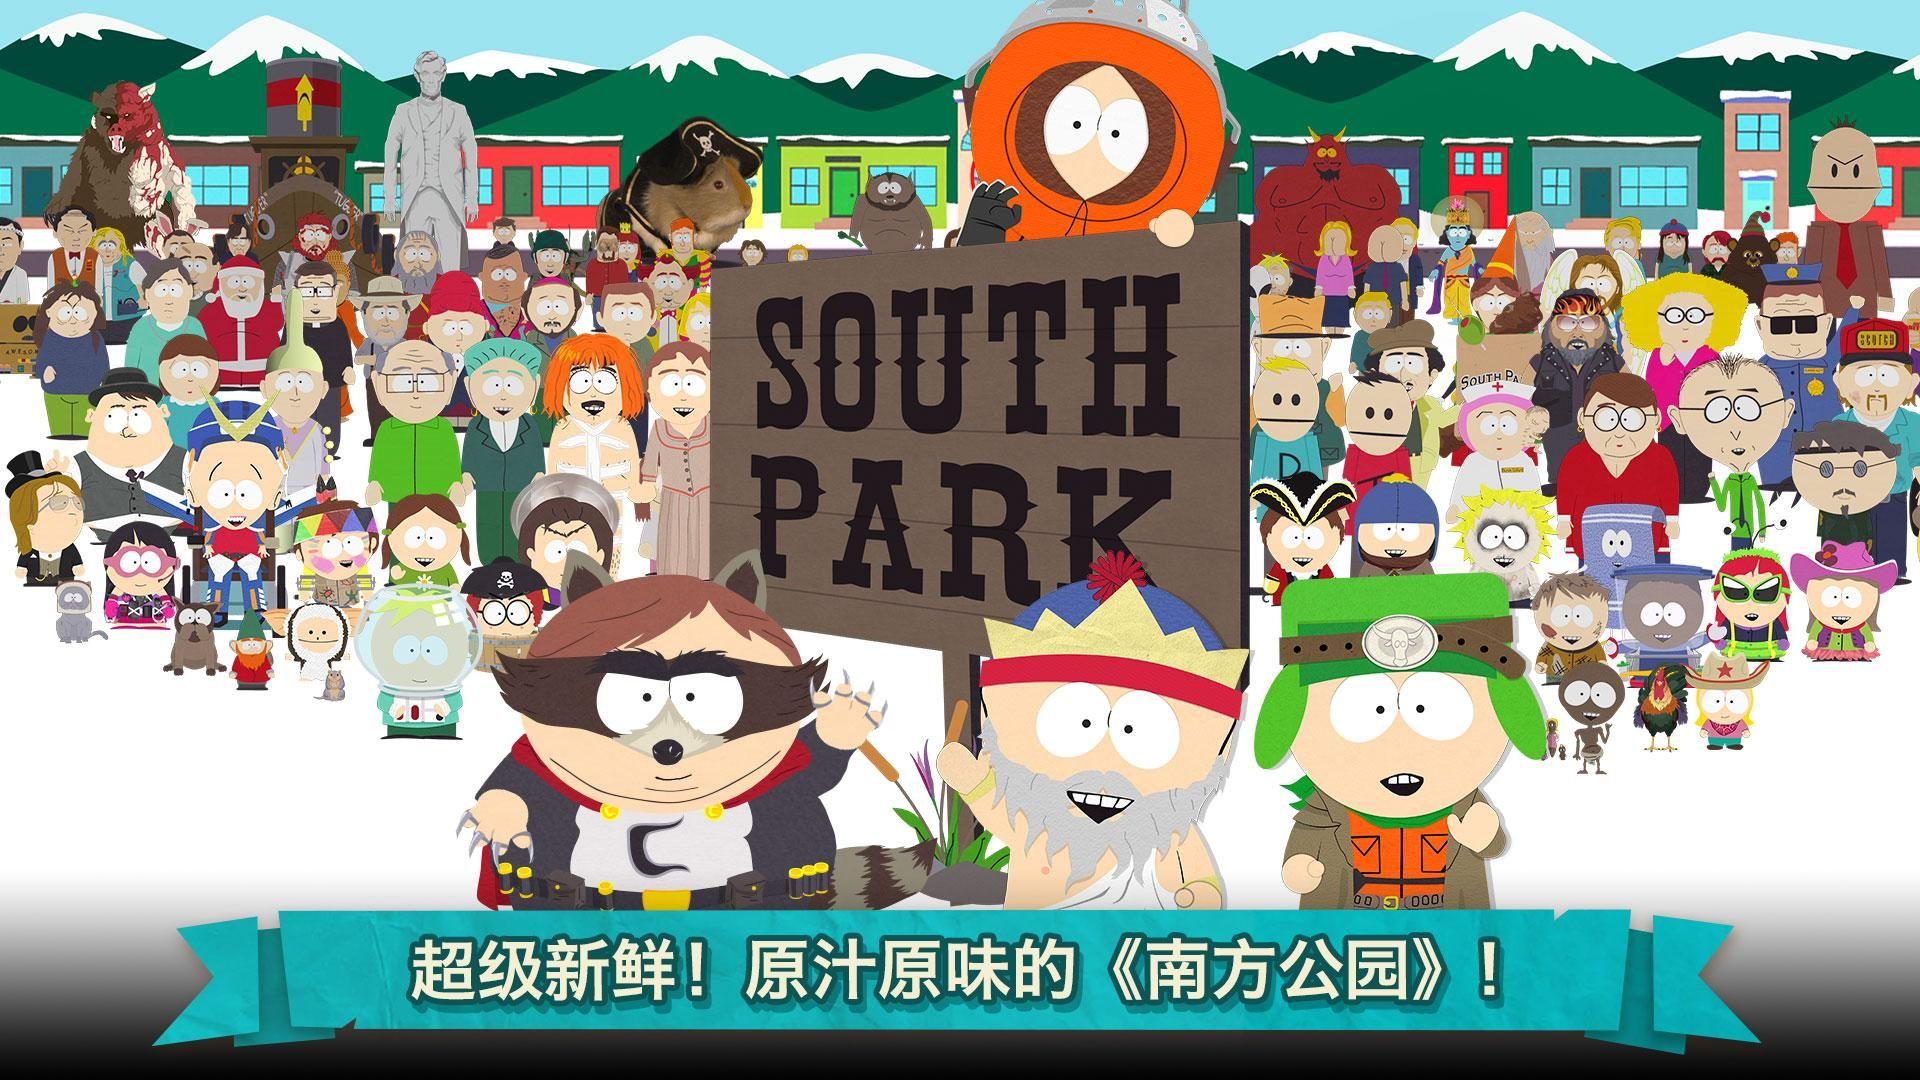 南方公园:手机毁灭者(South Park: Phone Destroyer™) 游戏截图1